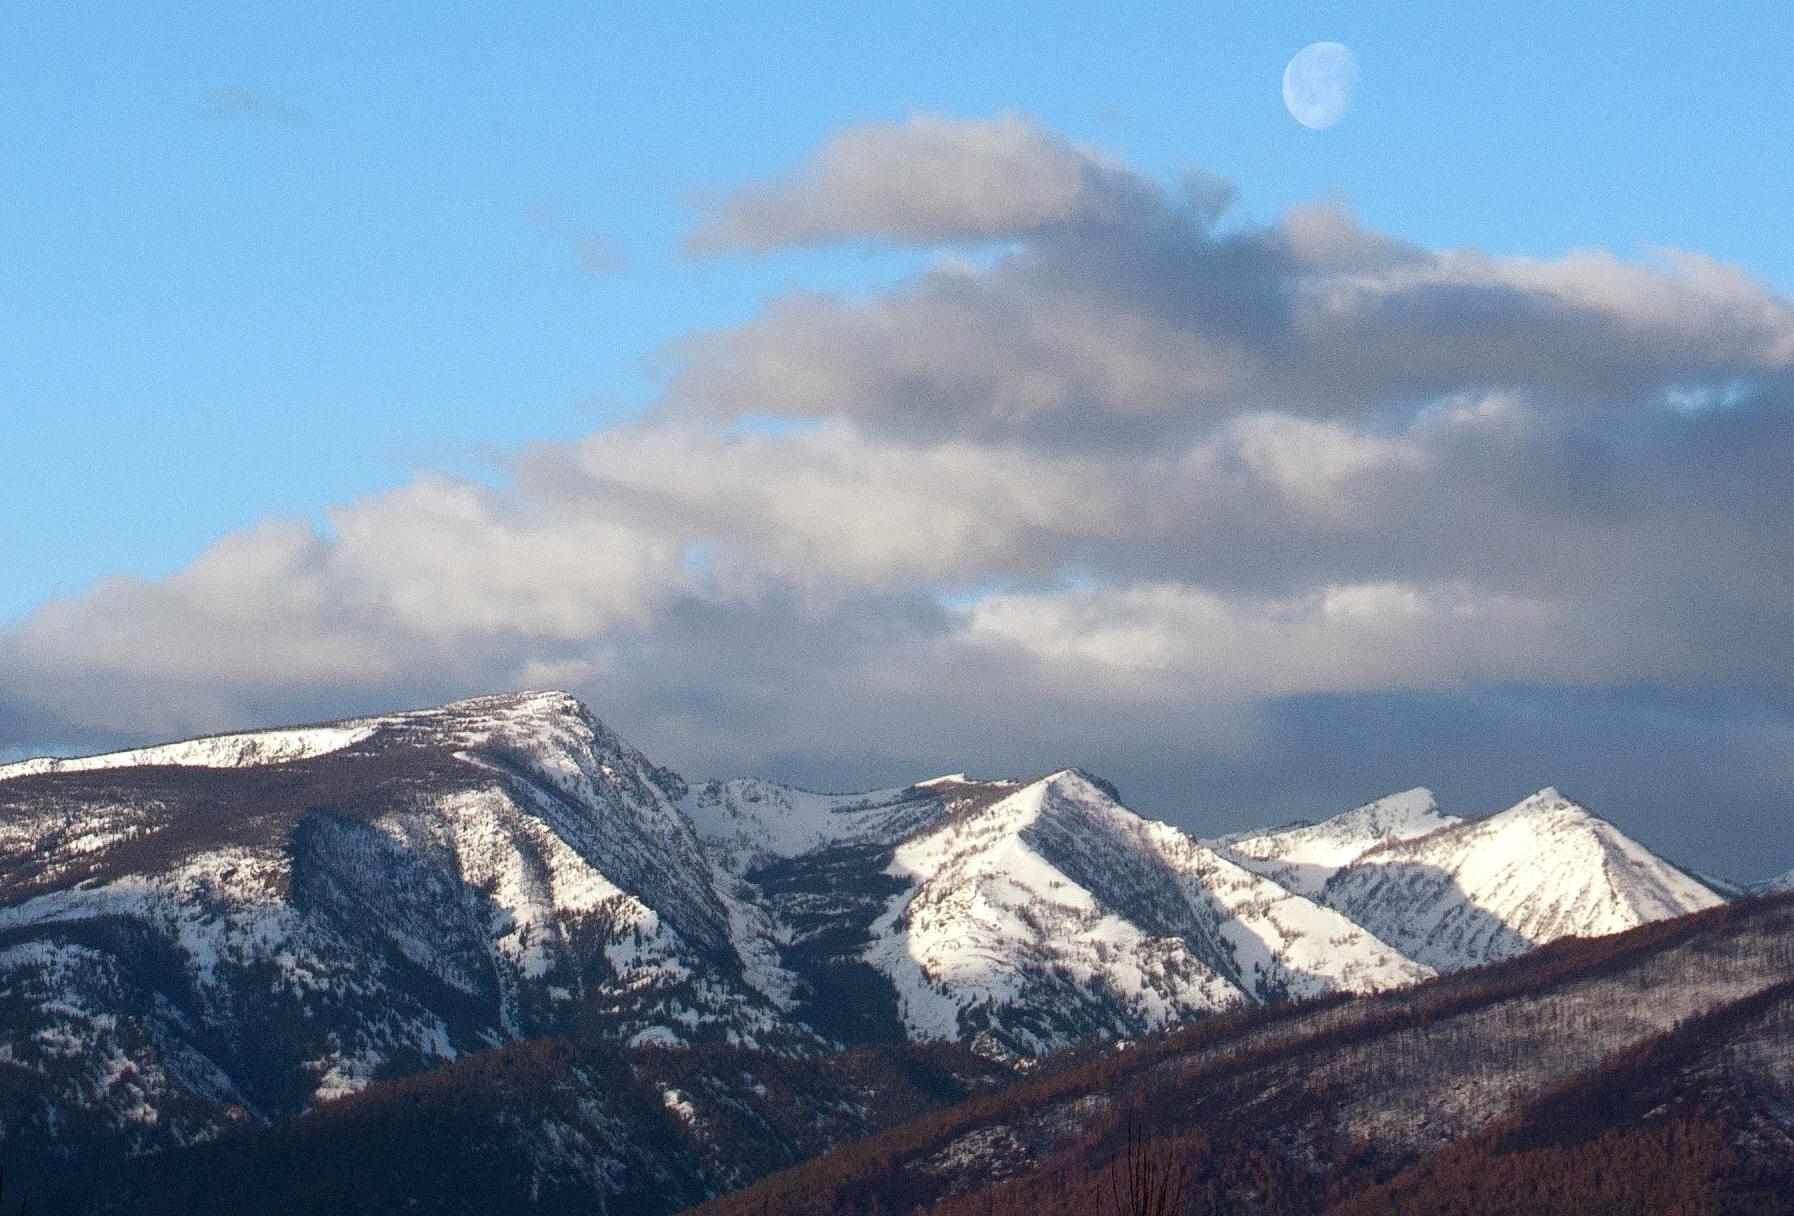 Ward moon